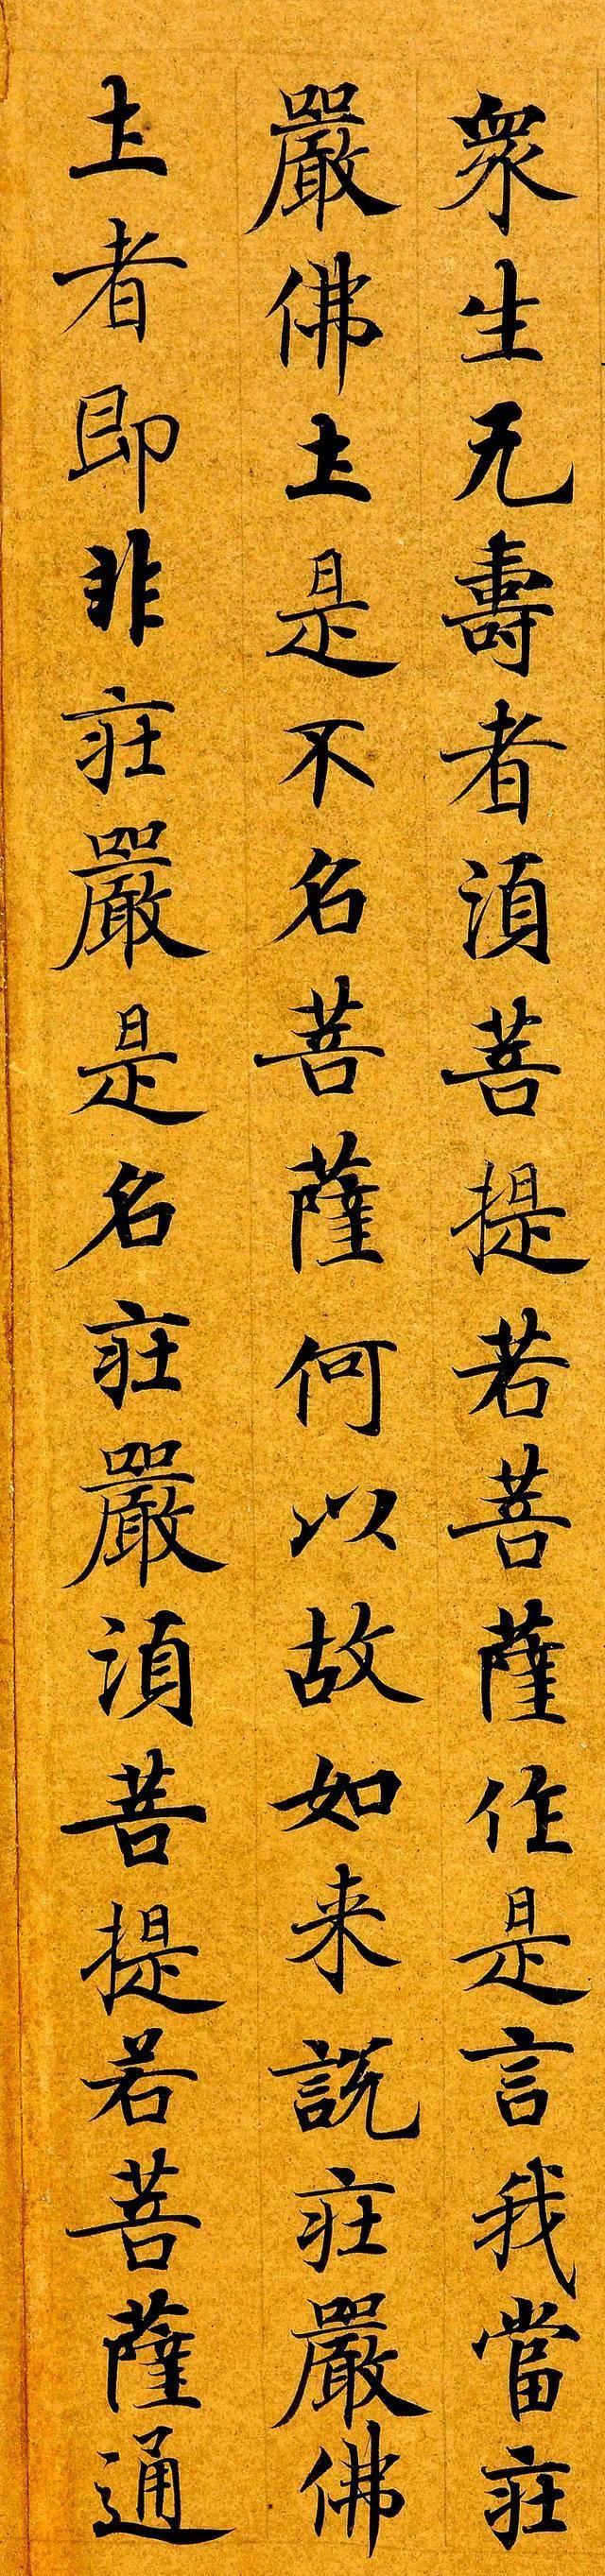 敦煌小楷中的极品,乃是武则天请高手所写,如今是国宝级作品!